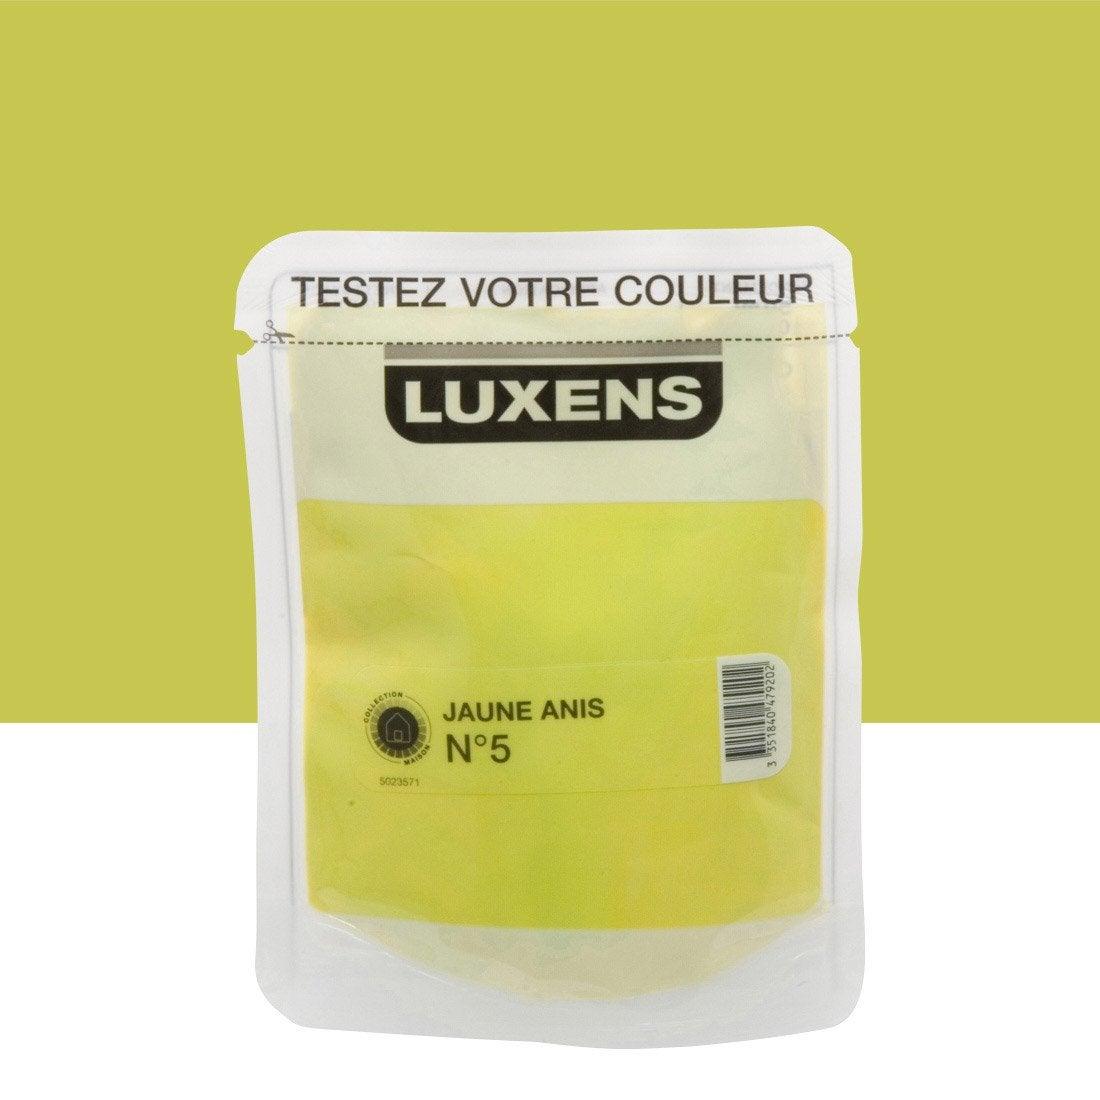 Idee Deco couleur vert anis : Peinture jaune anis 5 LUXENS Couleurs intérieures satin 0.5 l ...